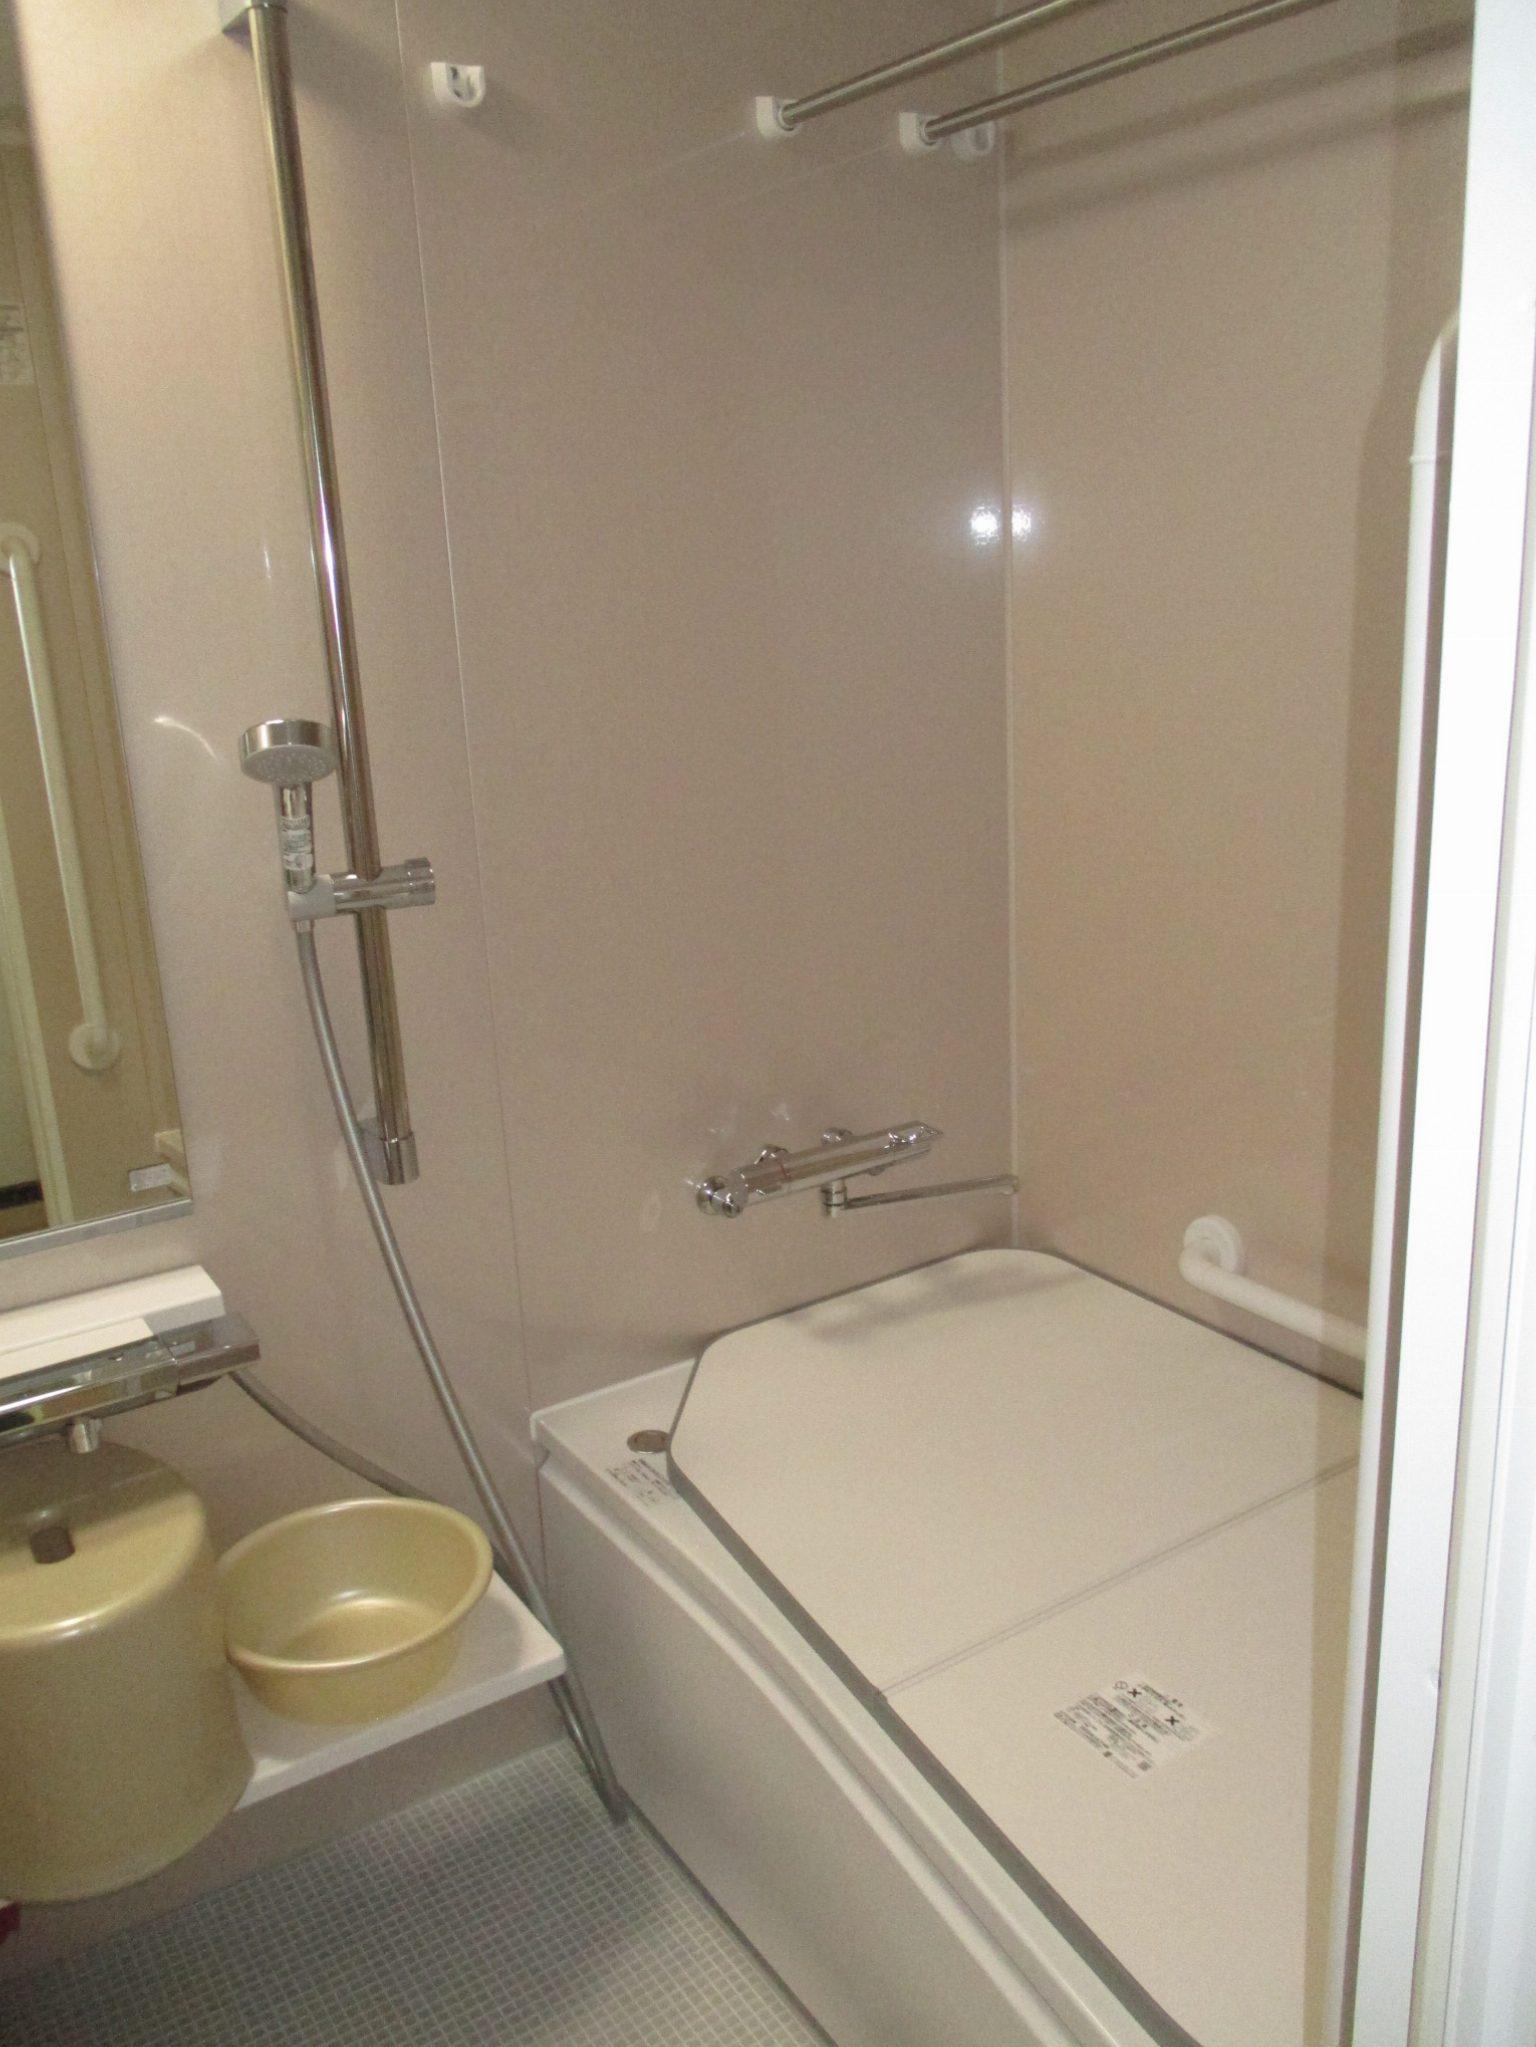 ブローバスでゆったりと快適に入浴ができるようになりました。<br /> もちろん高断熱浴槽でお湯も冷めにくくなり、換気乾燥暖房機で洗濯物も乾きやすくなりました。